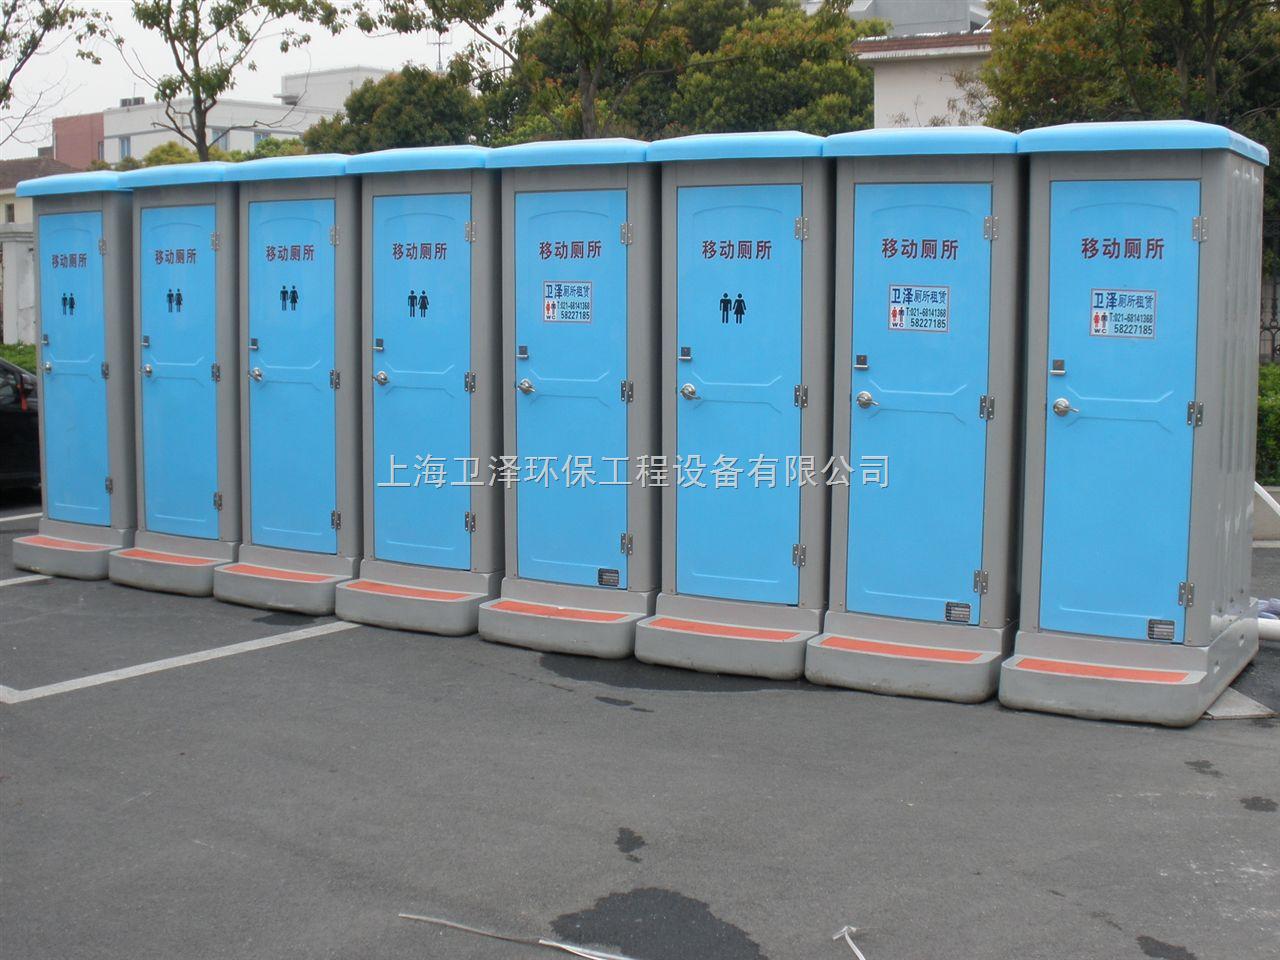 移动厕所租赁 杭州移动厕所租赁 移动厕所厂家